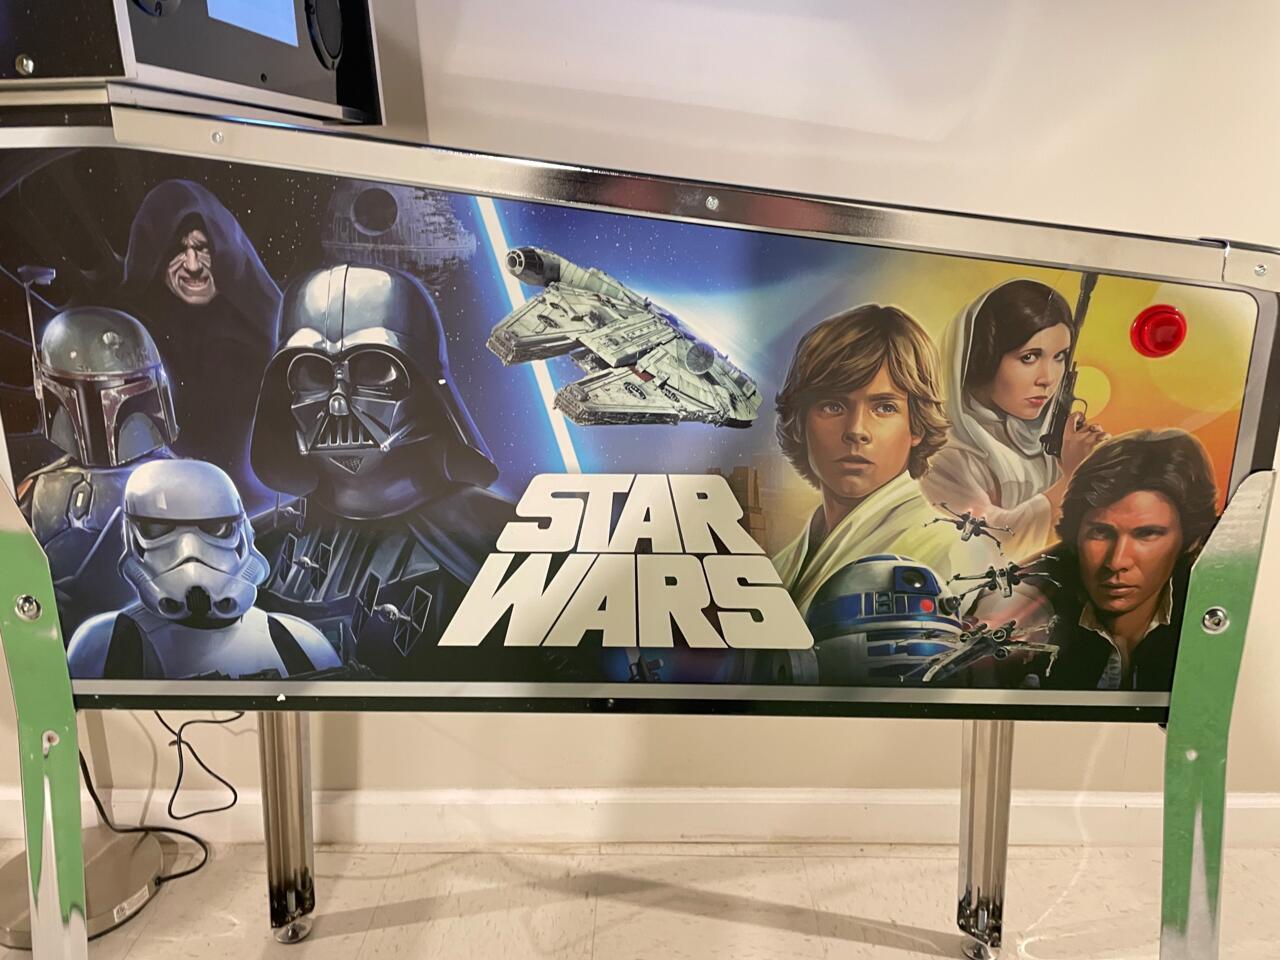 A arte apresenta personagens de Star Wars do passado e do presente.